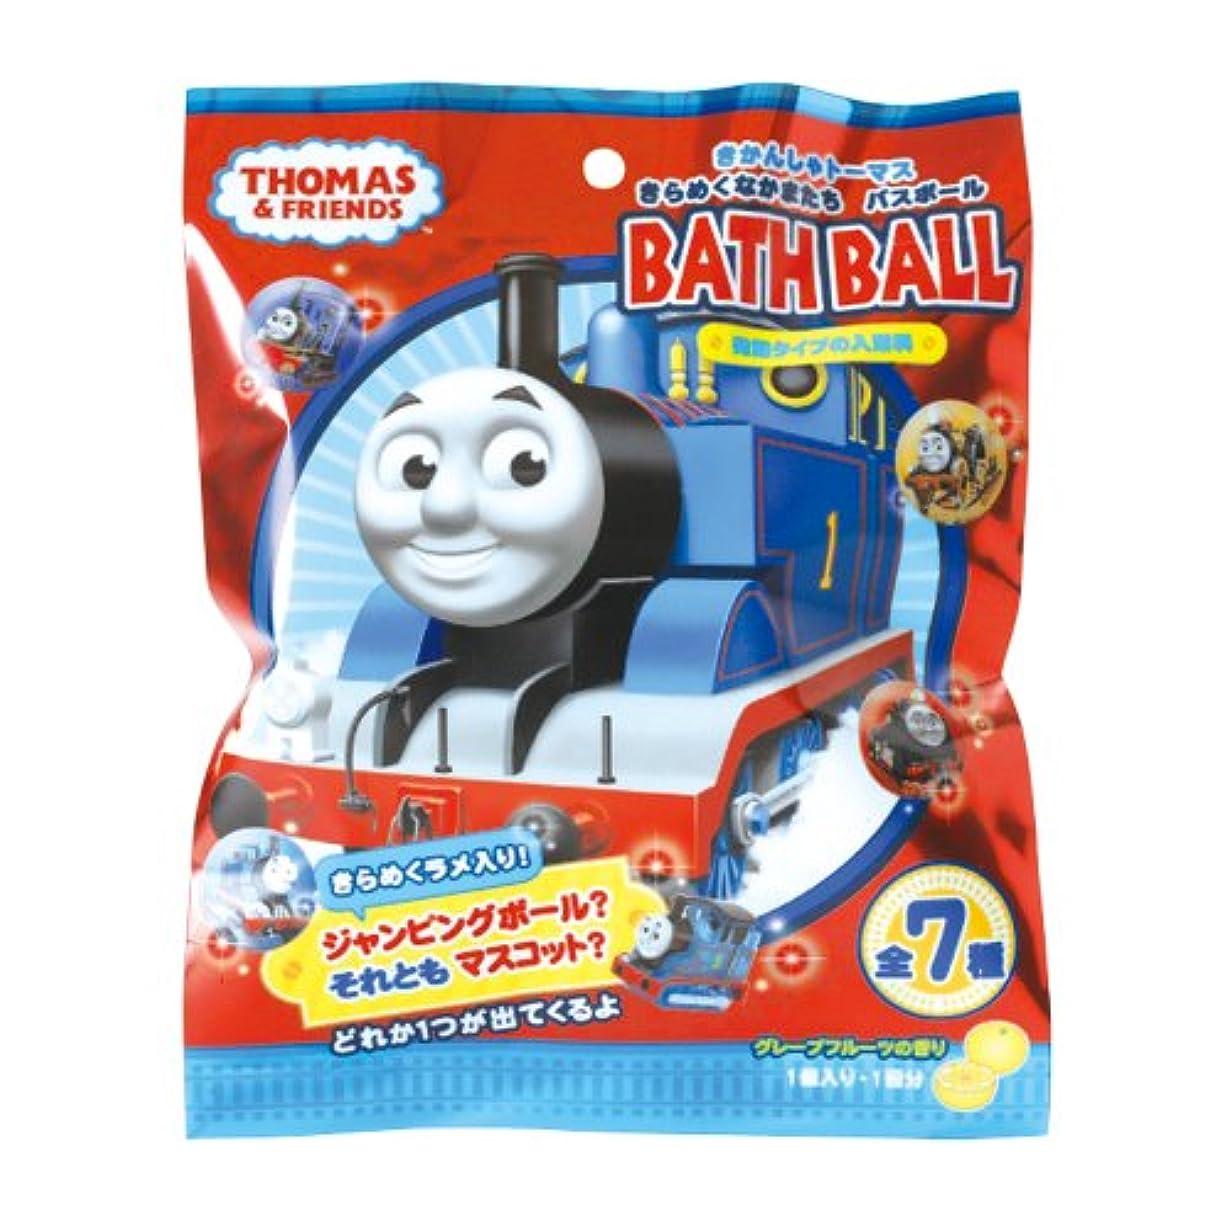 疑問に思う前述の炭水化物きかんしゃトーマス 入浴剤 きらめくなかまたち バスボール おまけ付き グレープフルーツの香り OB-TOB-3-1